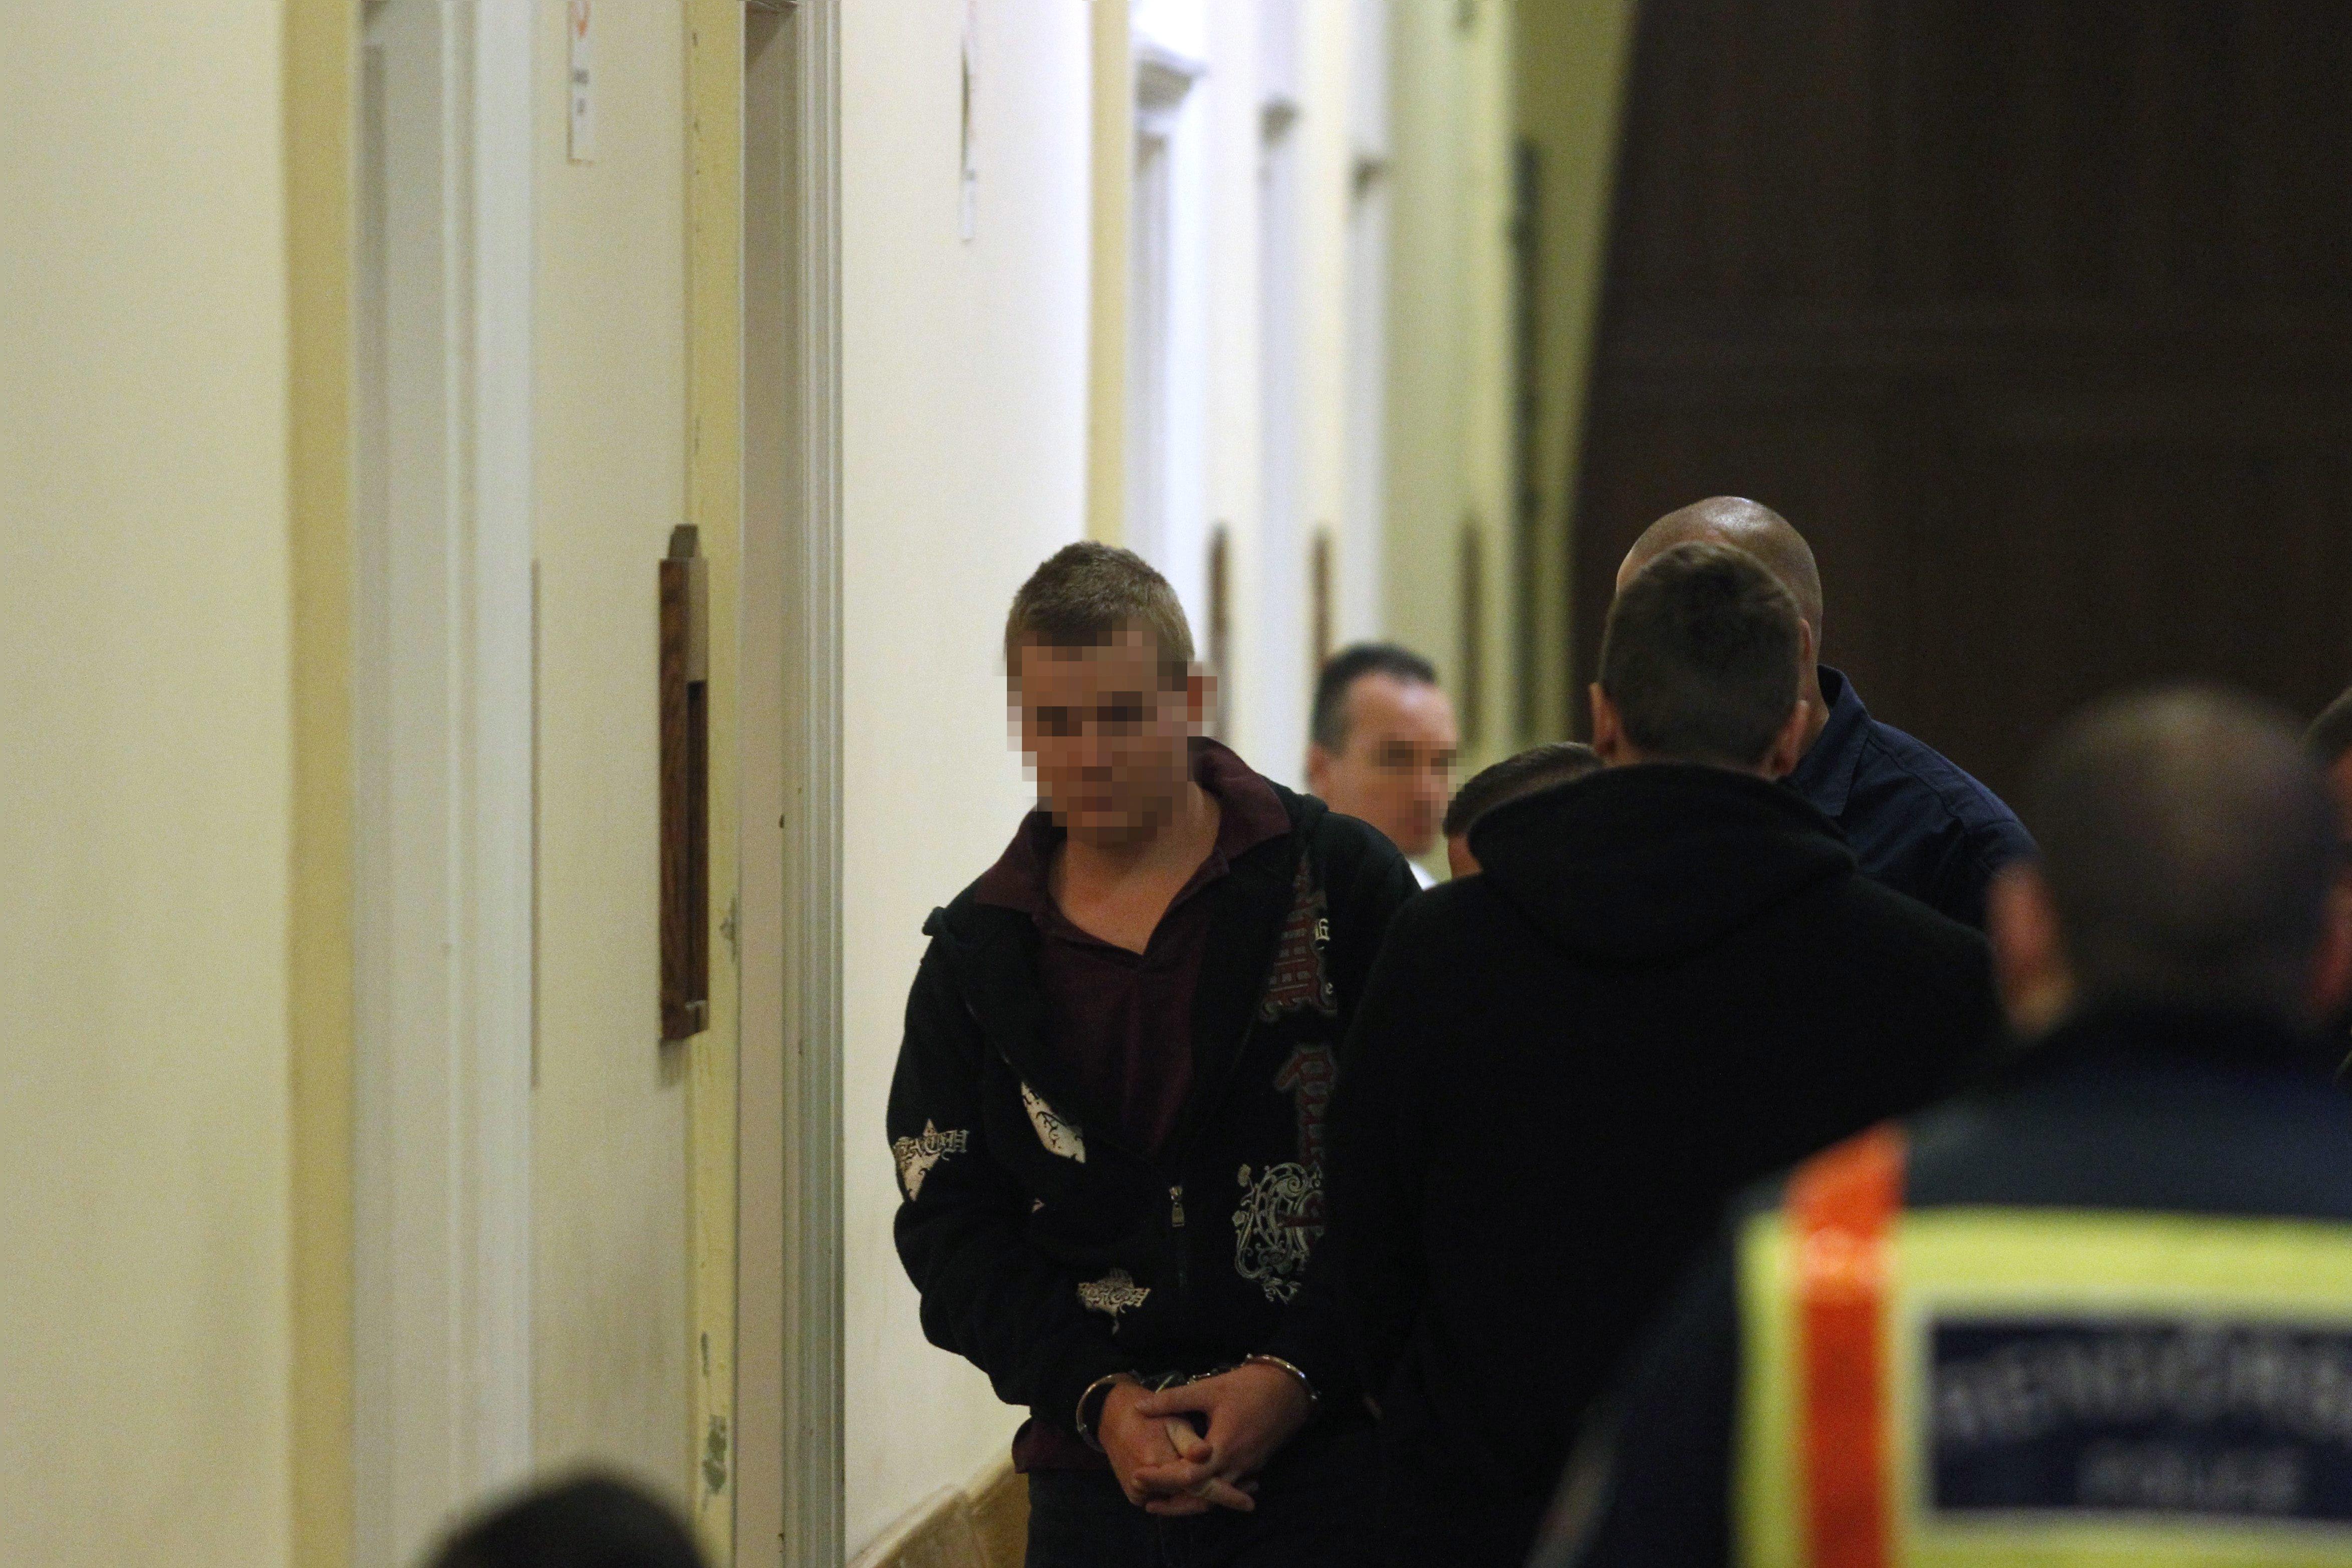 Jogerősen is életfogytiglani fegyházra ítélték a Teréz körúti robbantás vádlottját